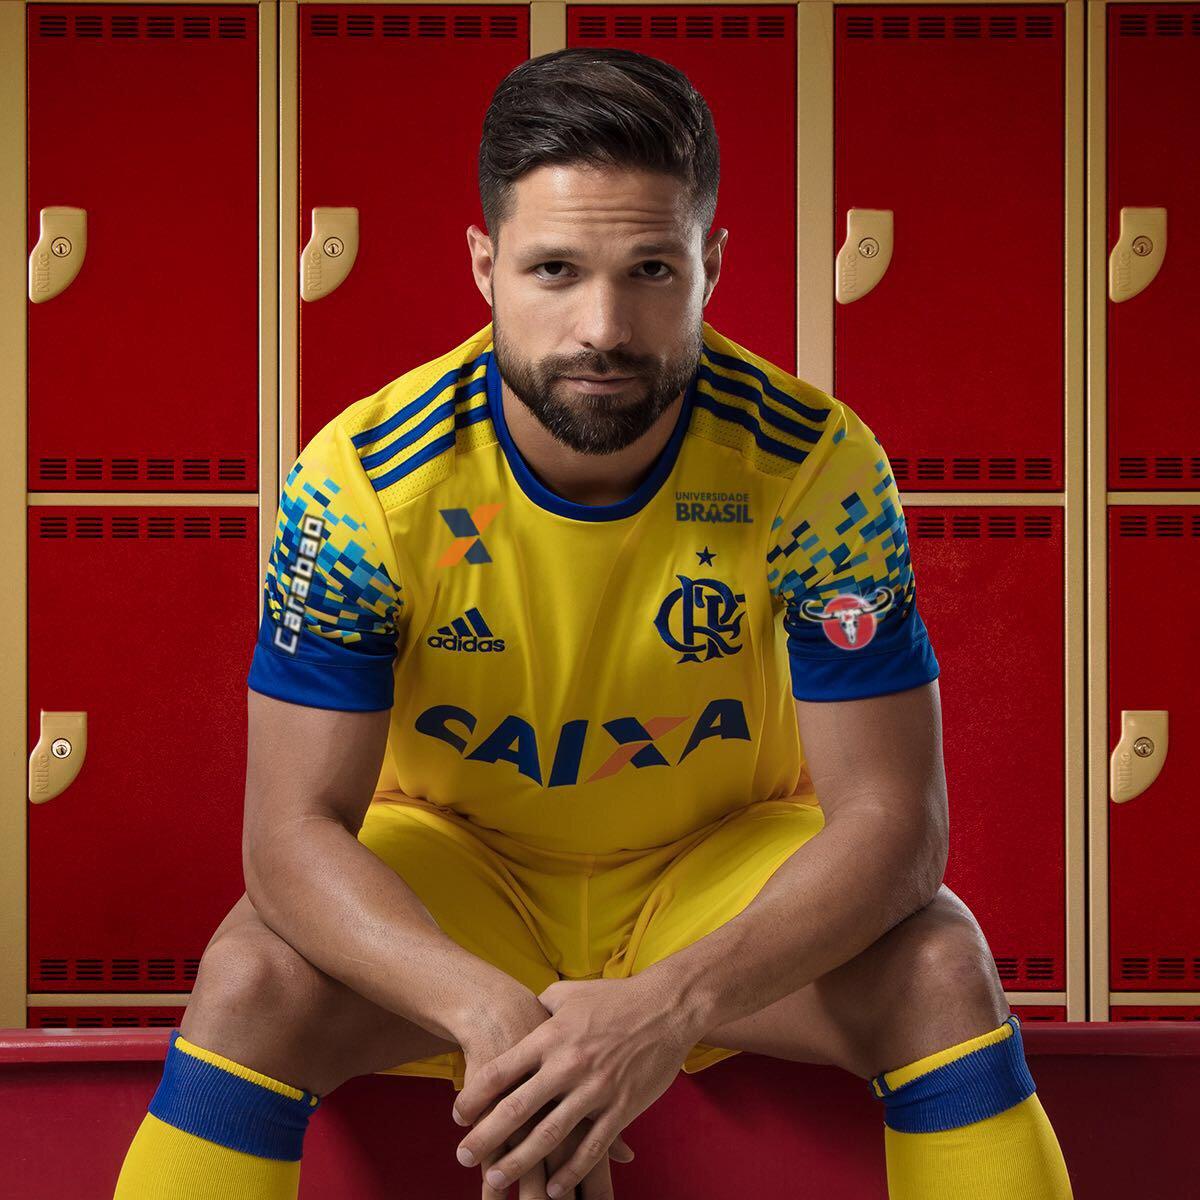 O Flamengo divulgou nesta sexta-feira seu novo terceiro uniforme. O time  rubro negro se vestirá de amarelo com detalhes em azul. O meio-campista  Diego foi o ... b52f7ff9ce8fc